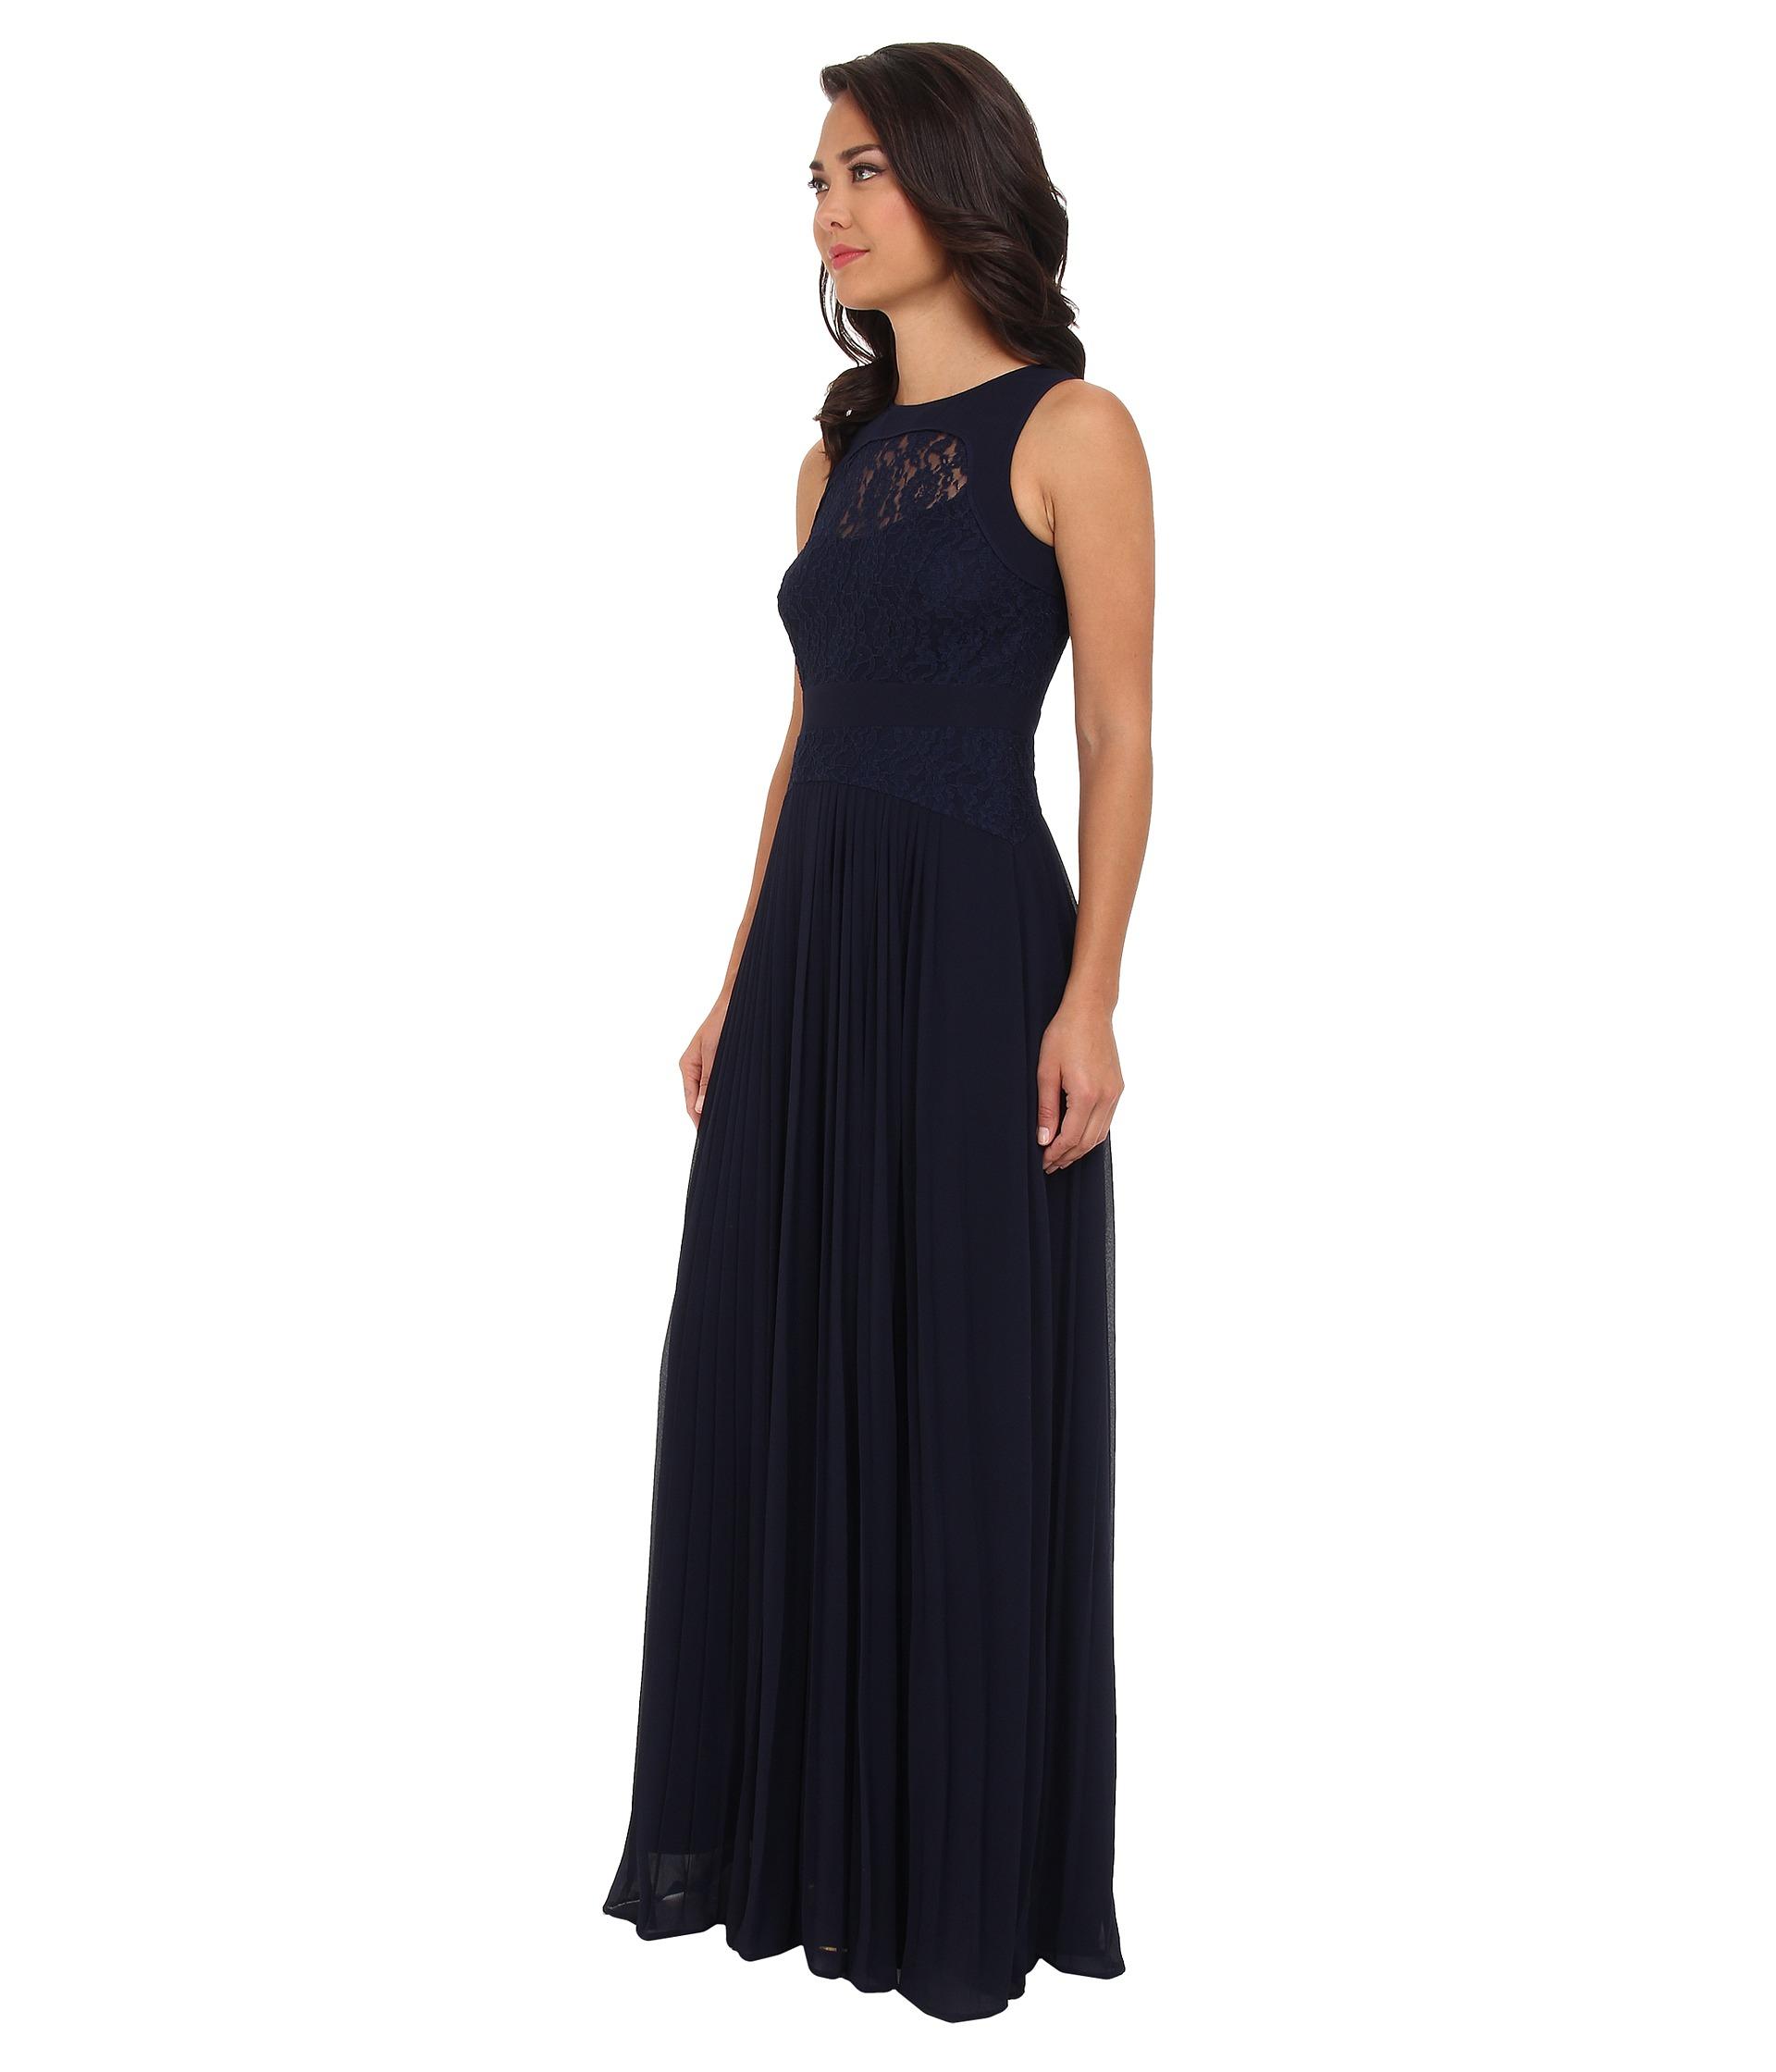 740fc83b67 Lyst Jessica Simpson Sleeveless Fit Flare Maxi Dress W Side